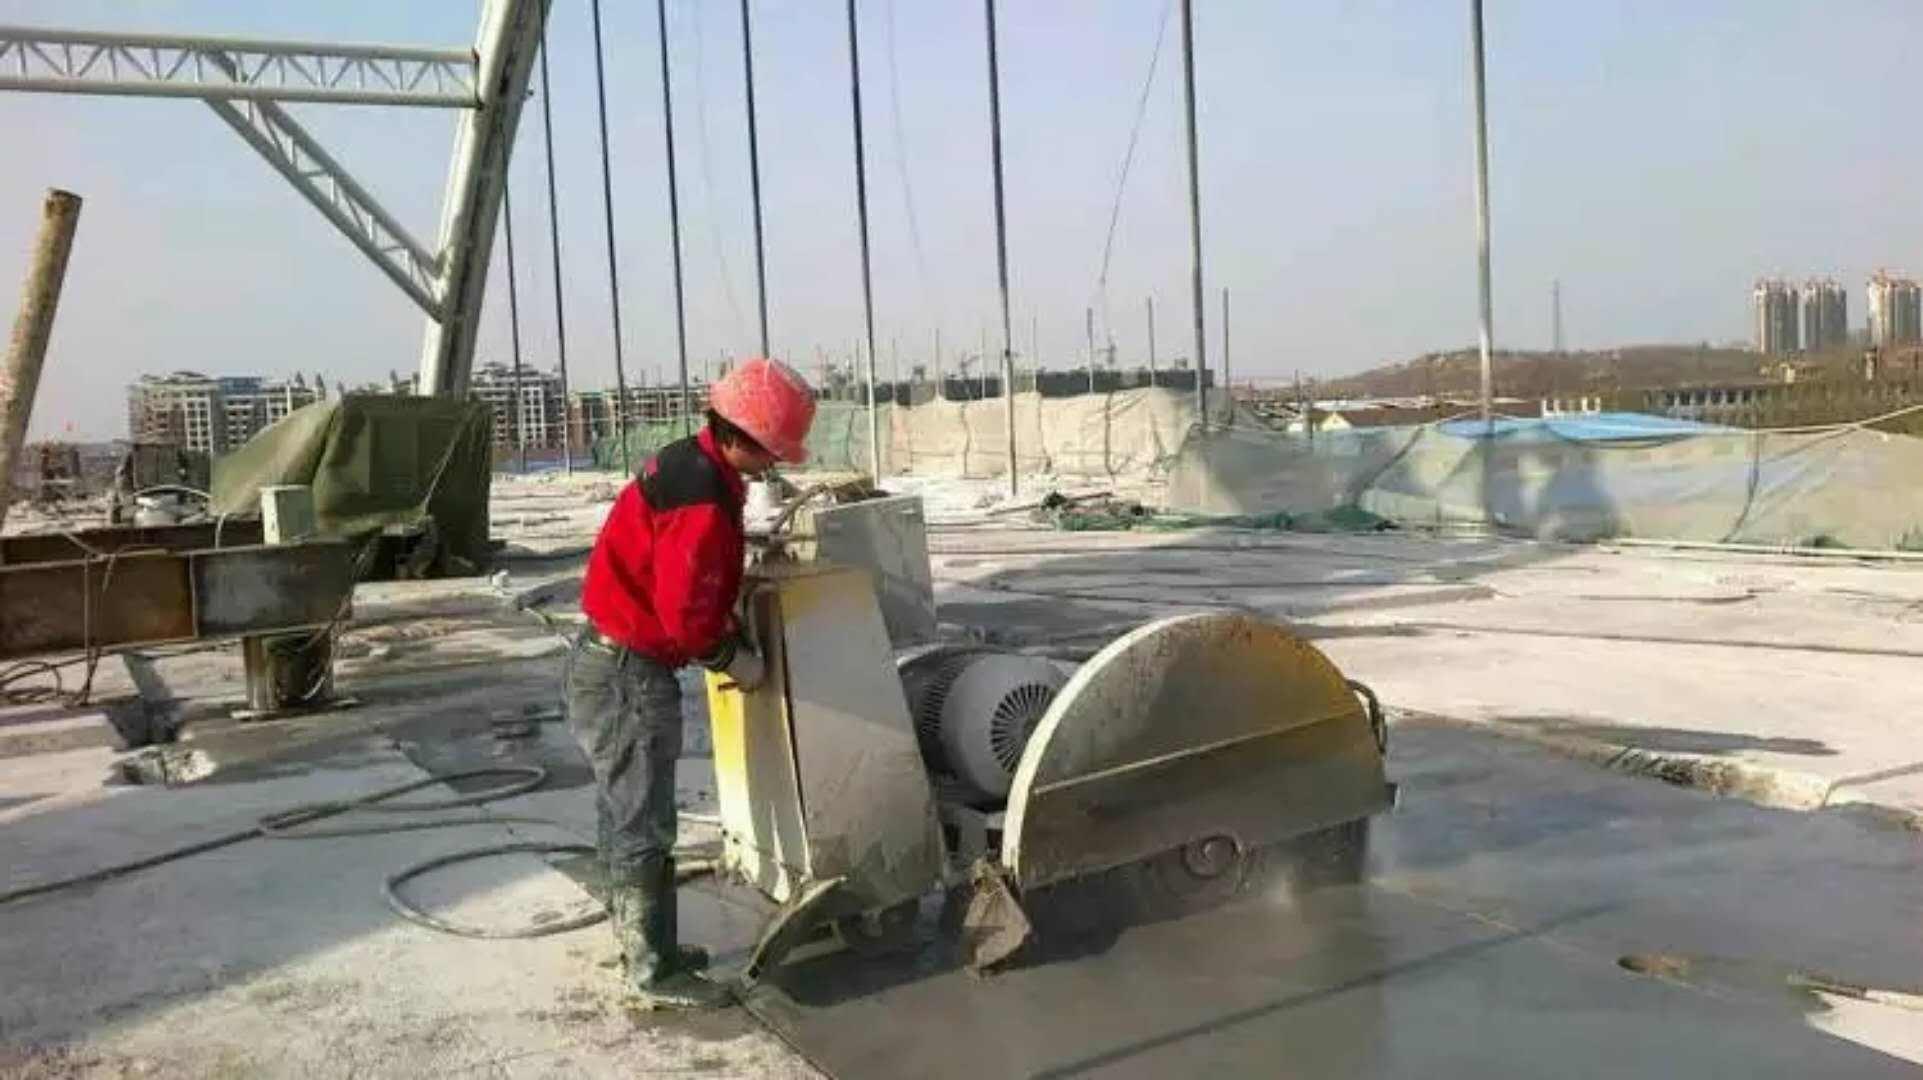 结构无损拆除综合施工技术